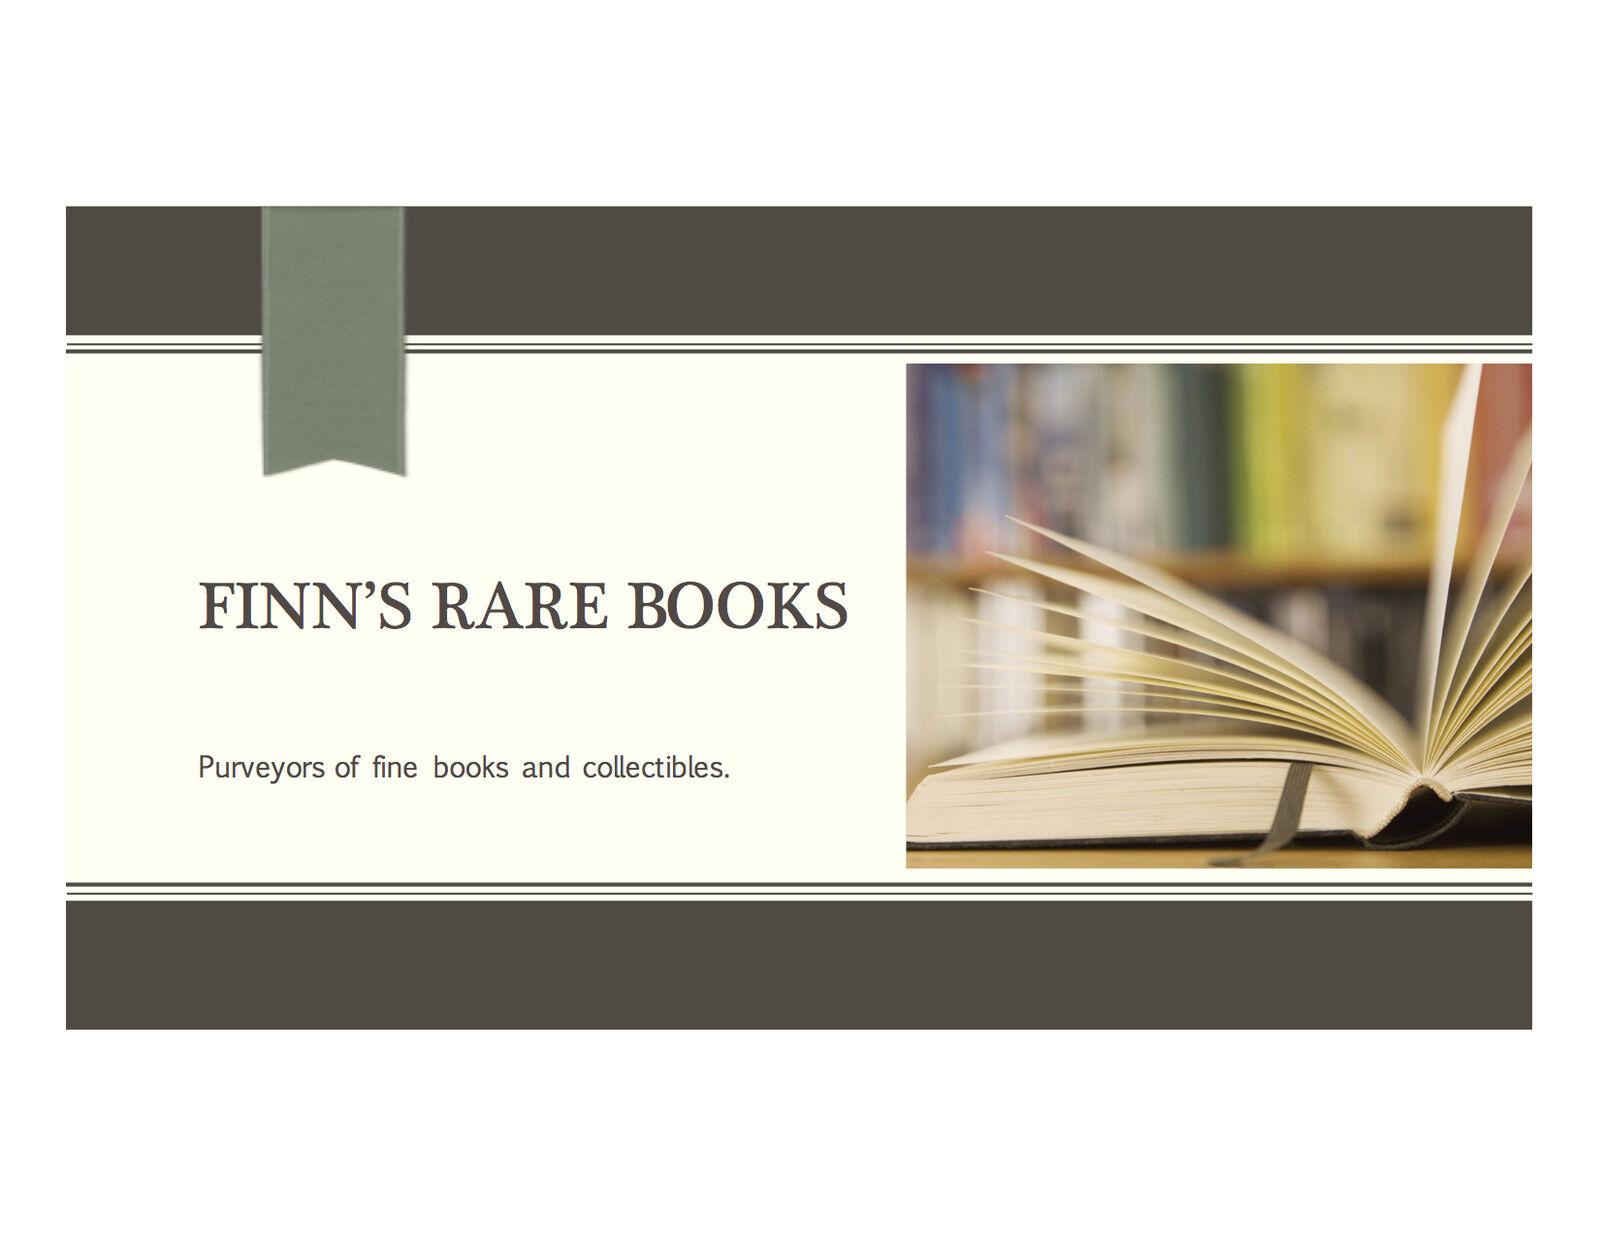 Finn's Rare Books